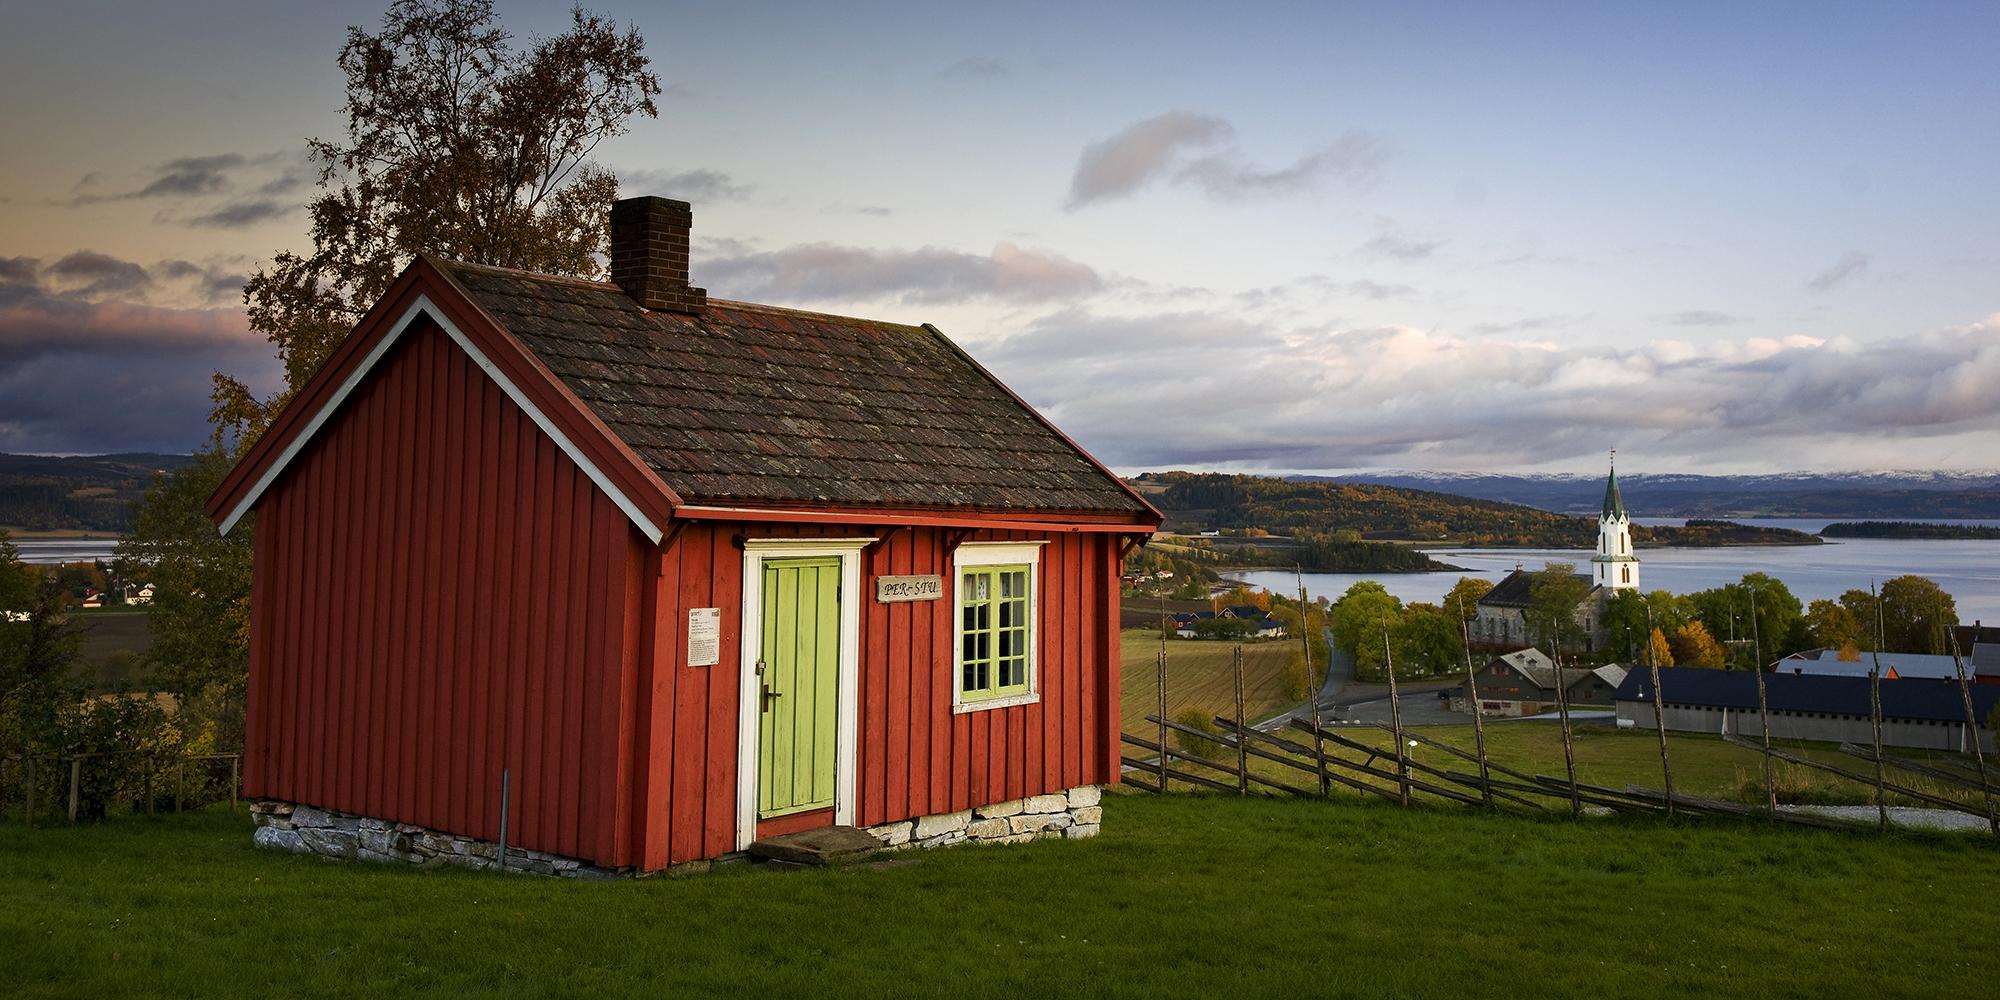 Per-stu Foto: Steinar Johansen. Copyright: Steinar Johansen